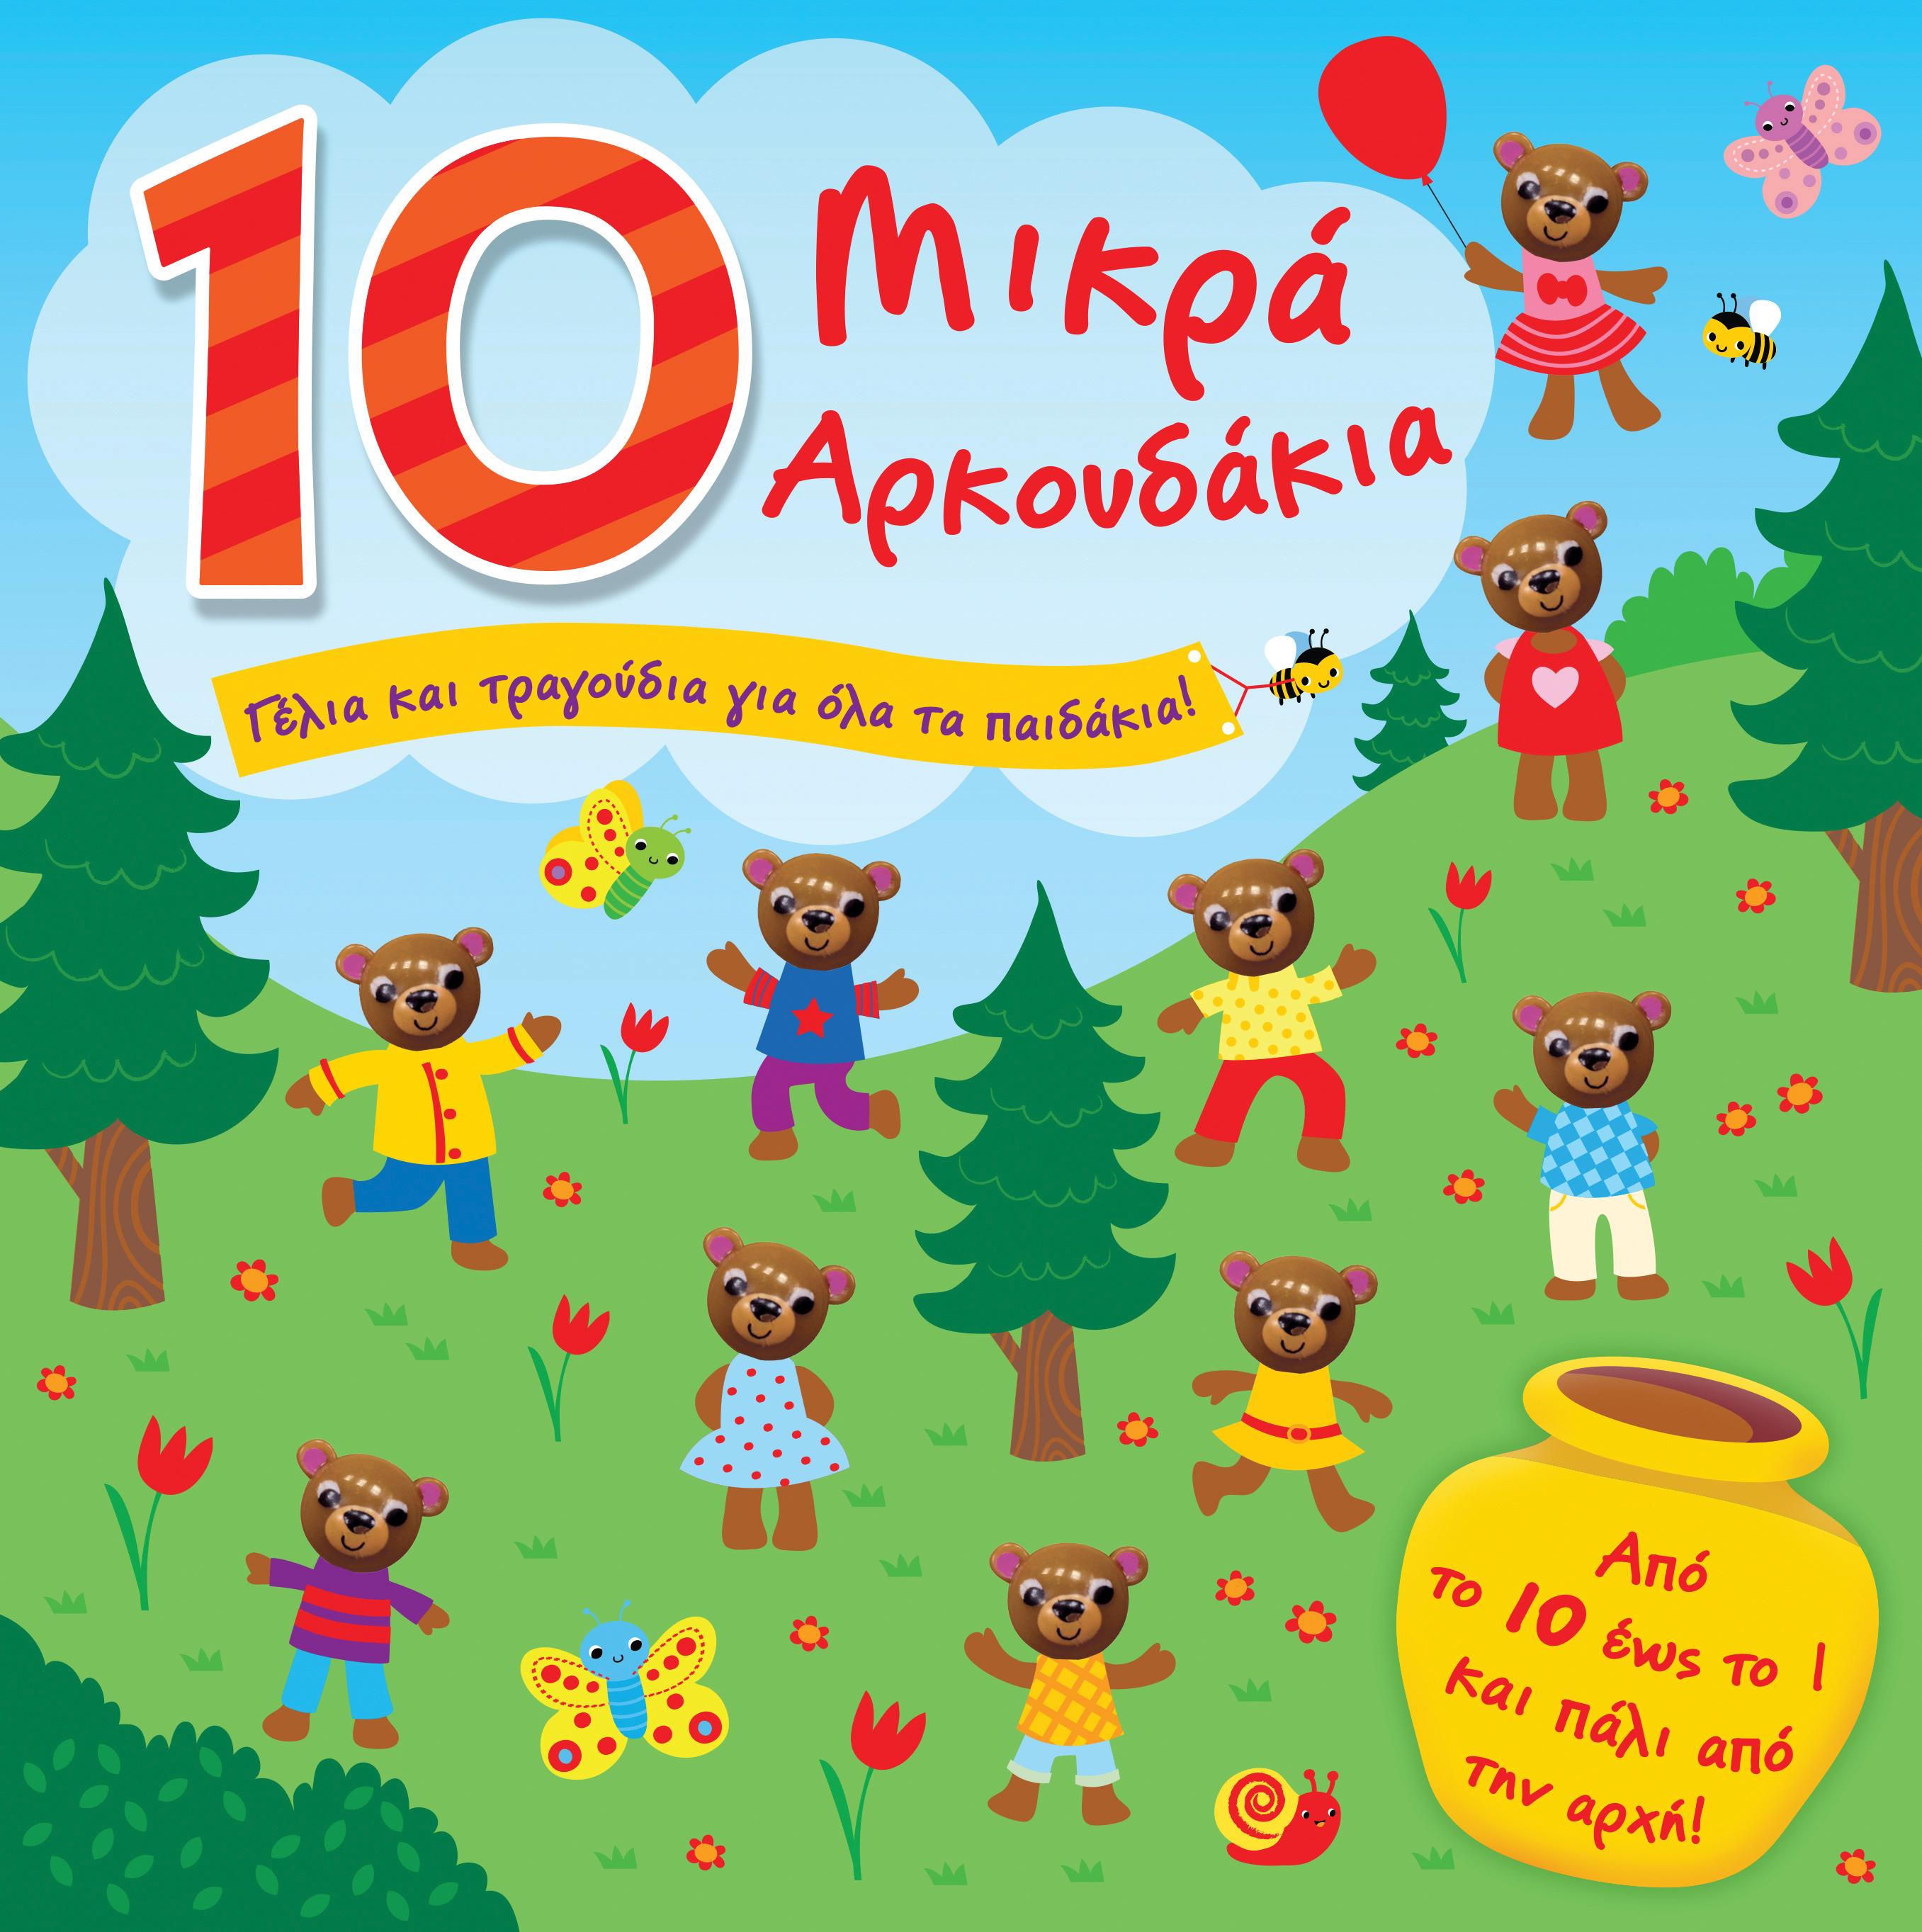 10 Μικρά Αρκουδάκια